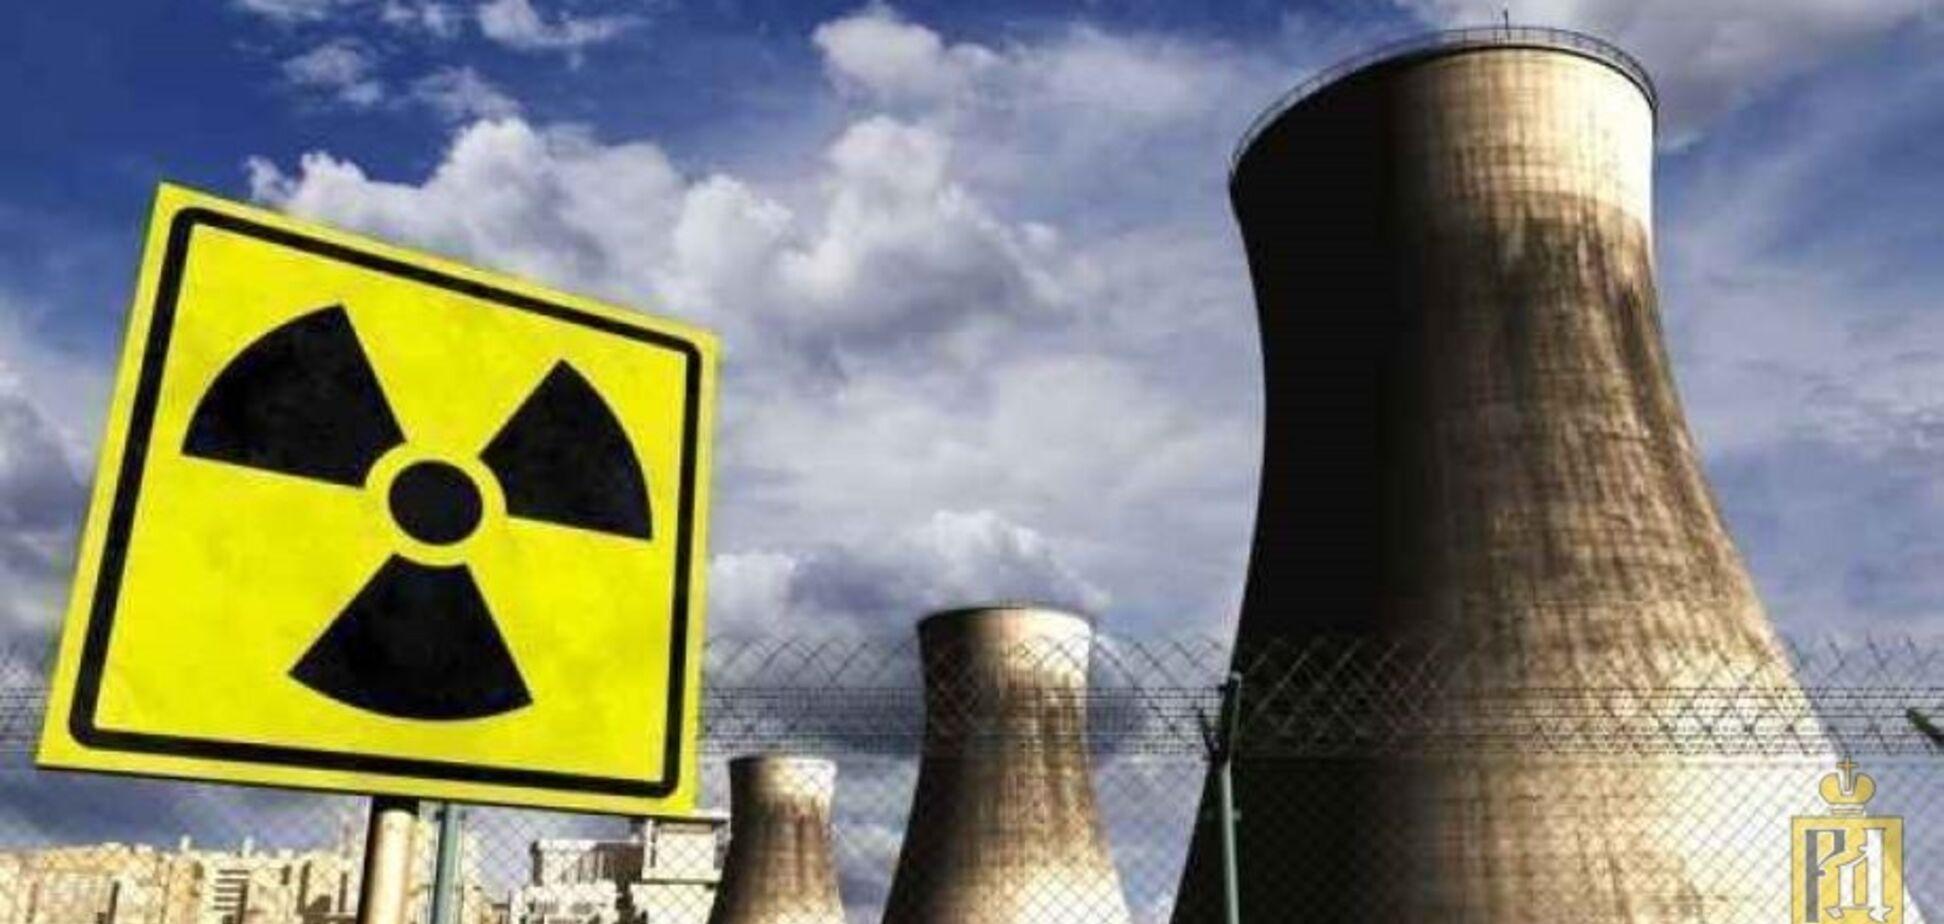 Росіяни знайшли в Україні 4 'ядерні фугаси': пропагандисти видали гучний фейк